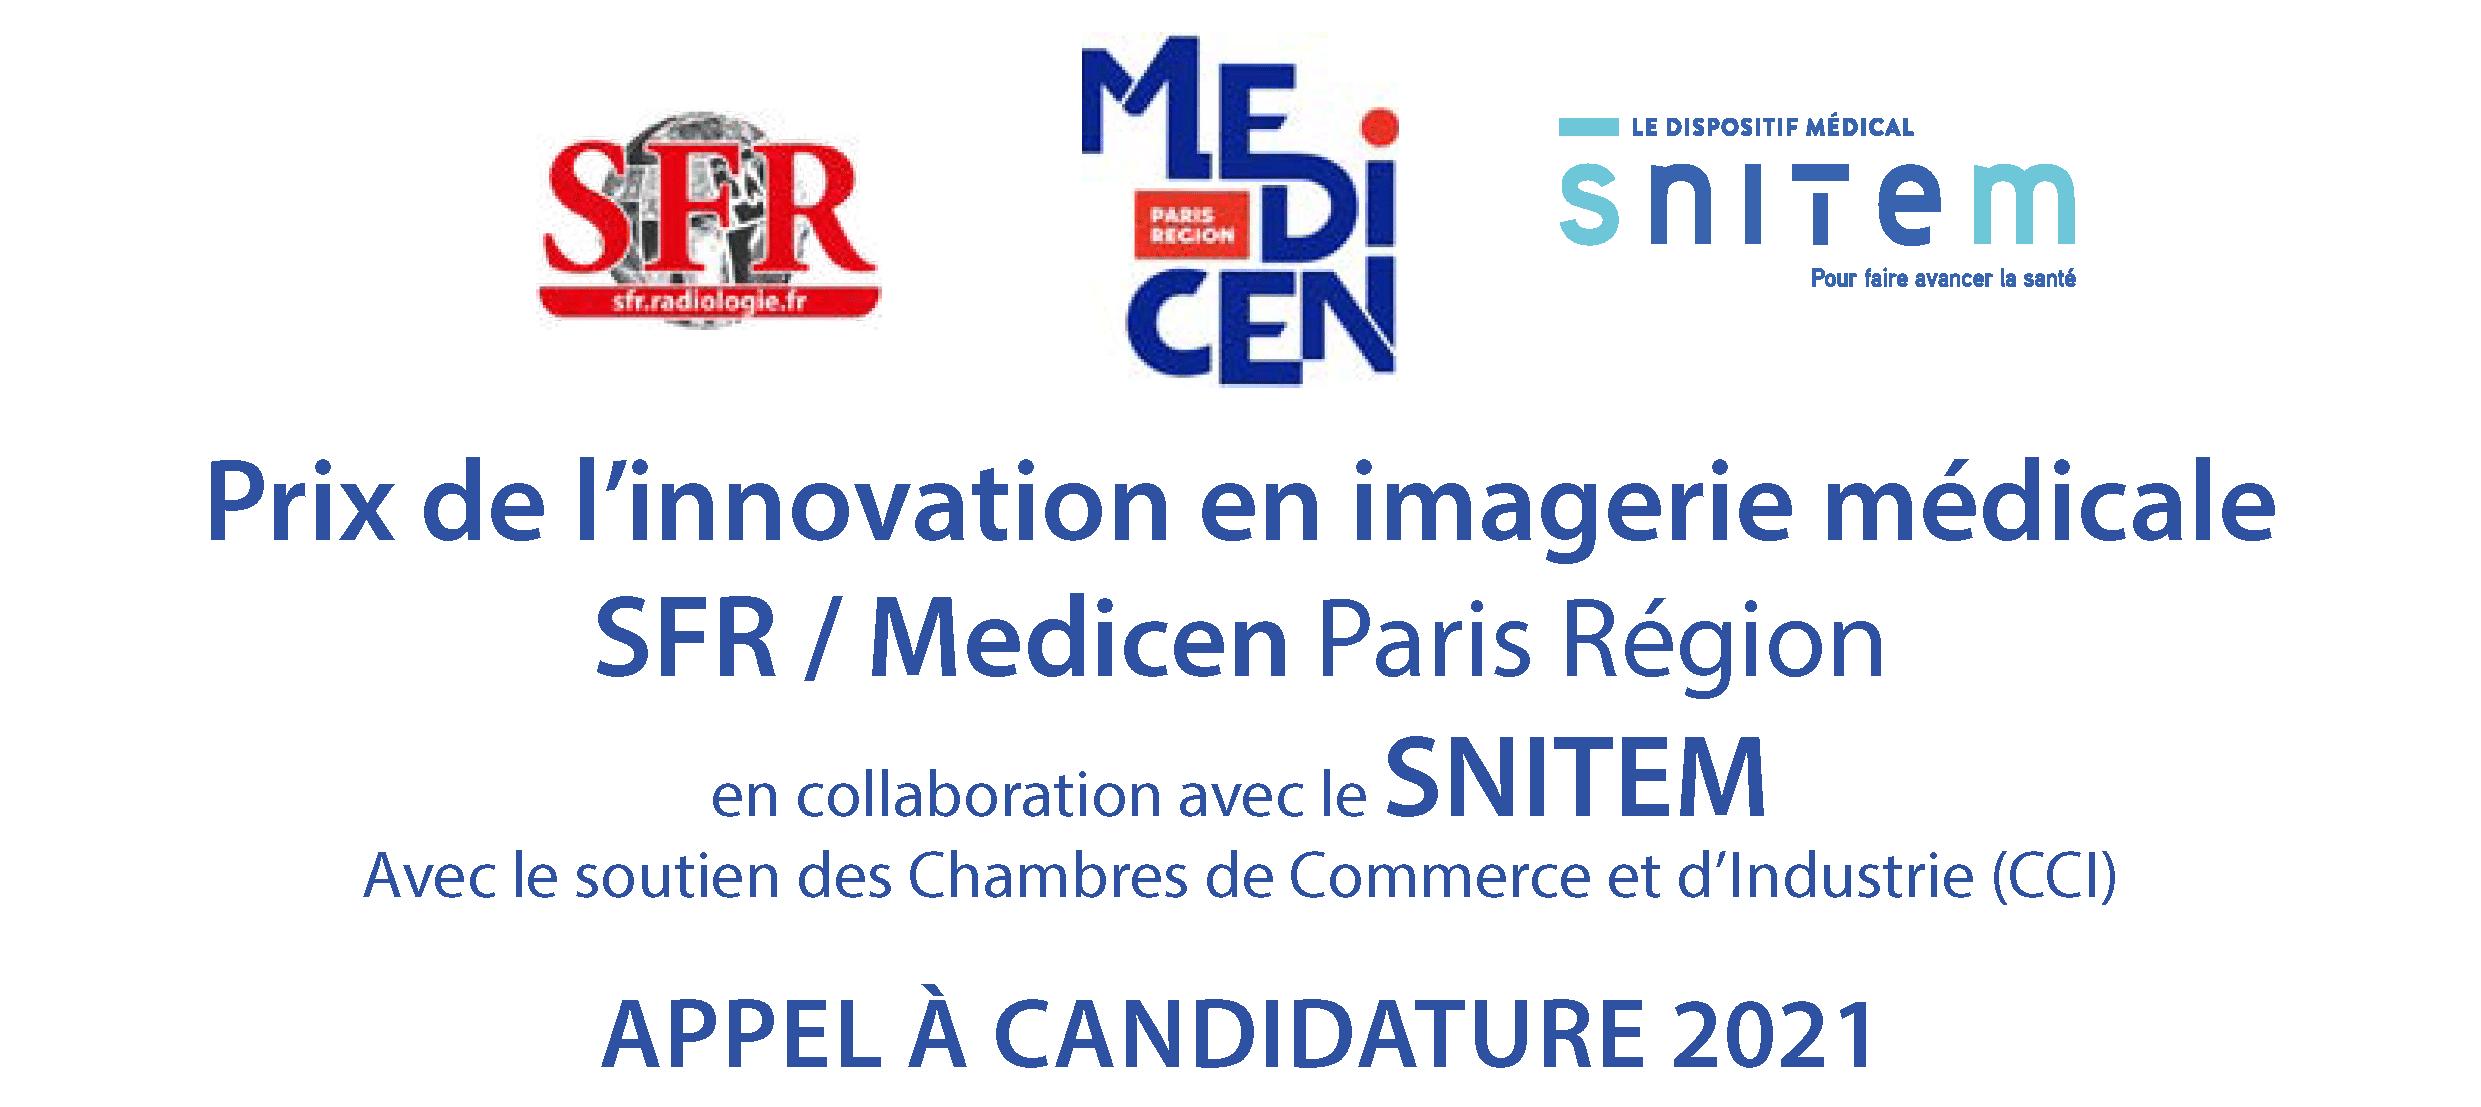 Prix de l'innovation en imagerie médicale SFR/Medicen/Snitem - édition 2021